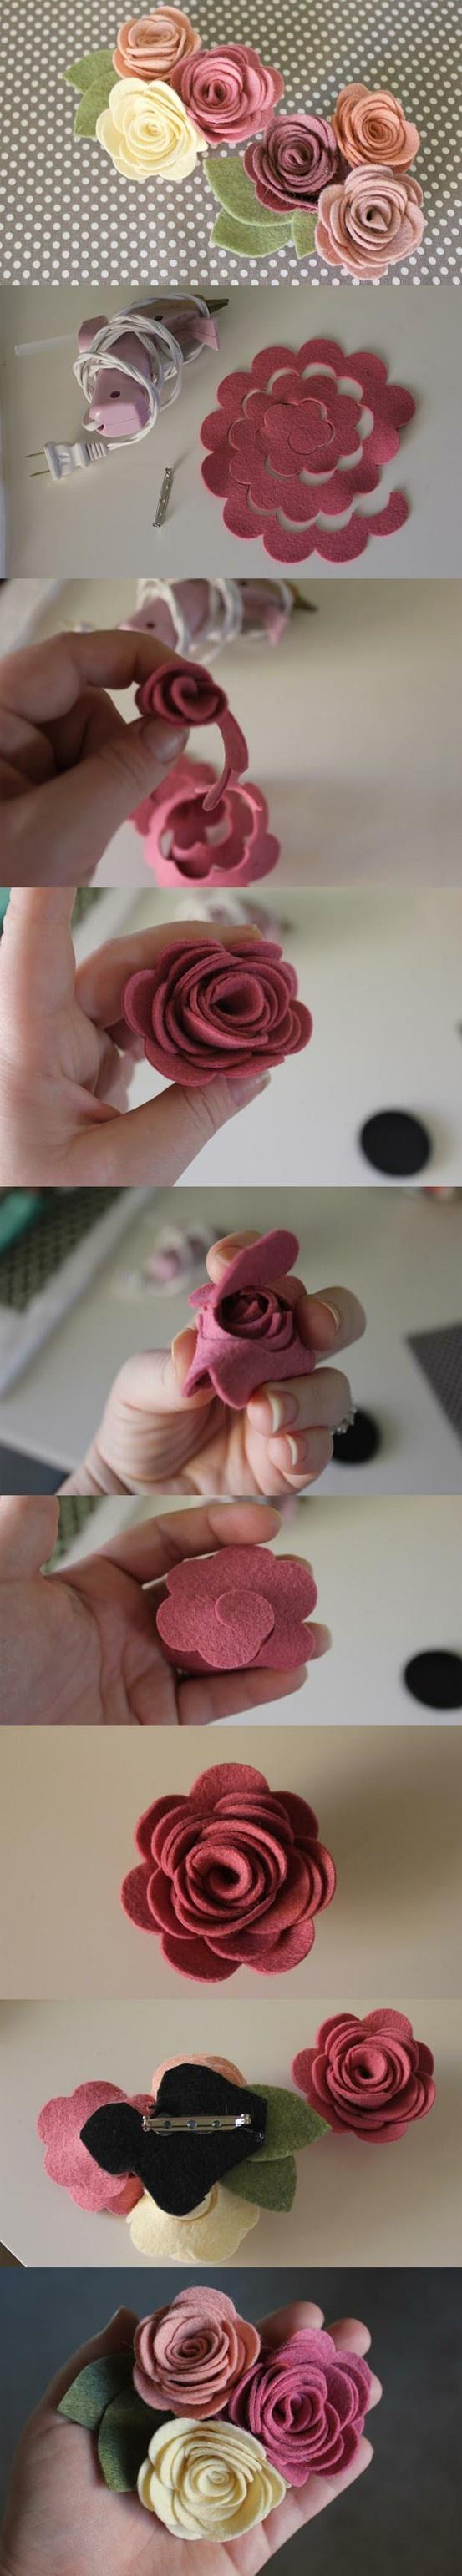 como-fazer-mobile-de-rosas